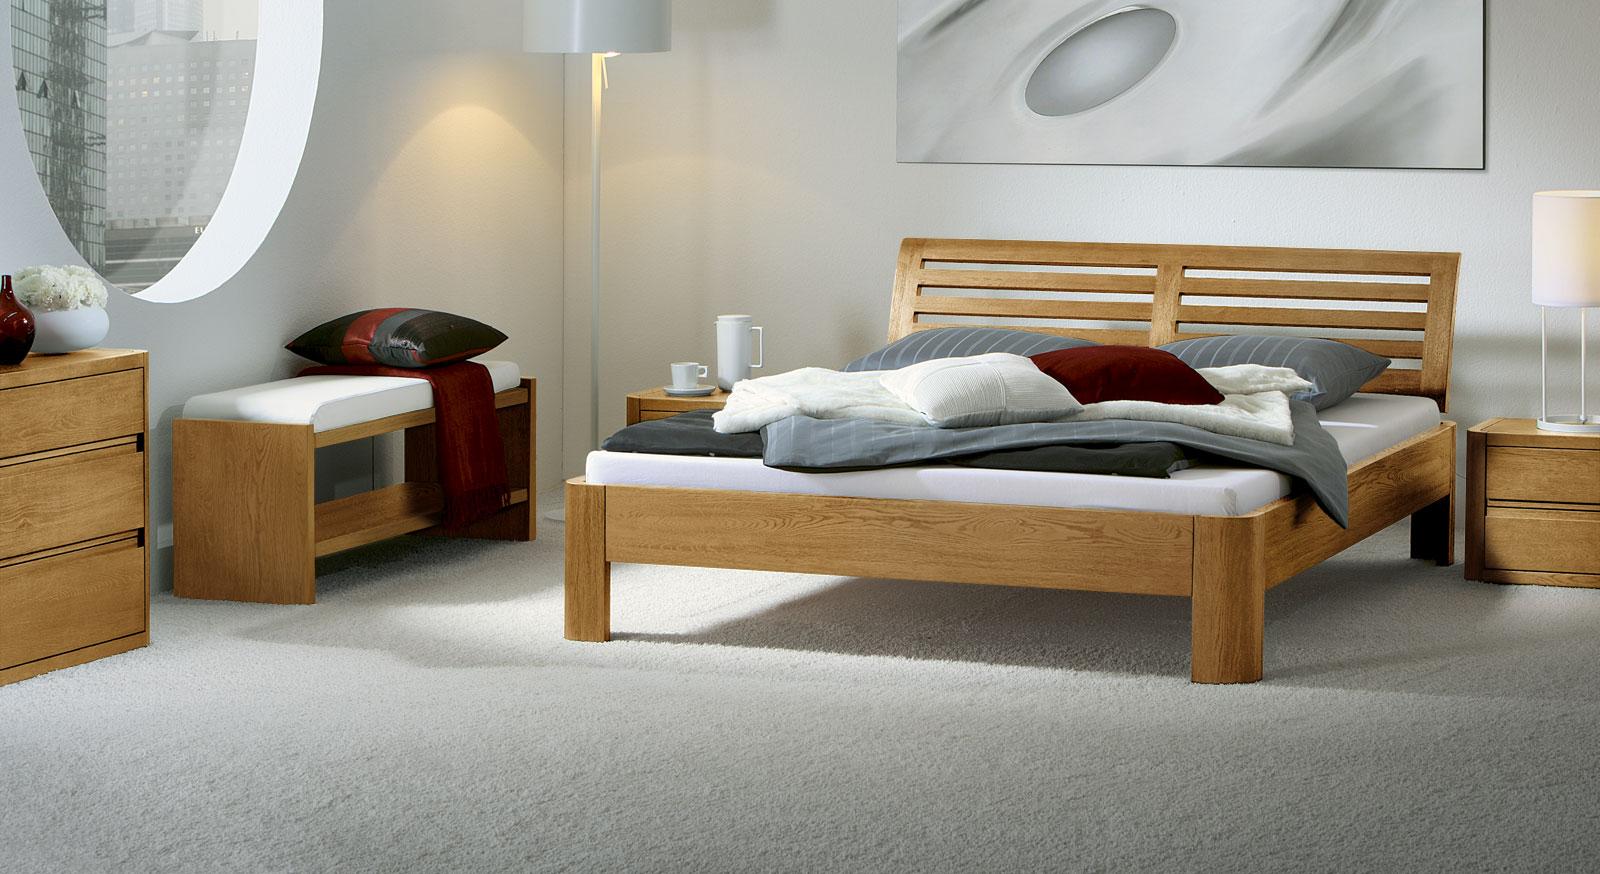 massivholzbett aus edler eiche z b in natur barcelona. Black Bedroom Furniture Sets. Home Design Ideas